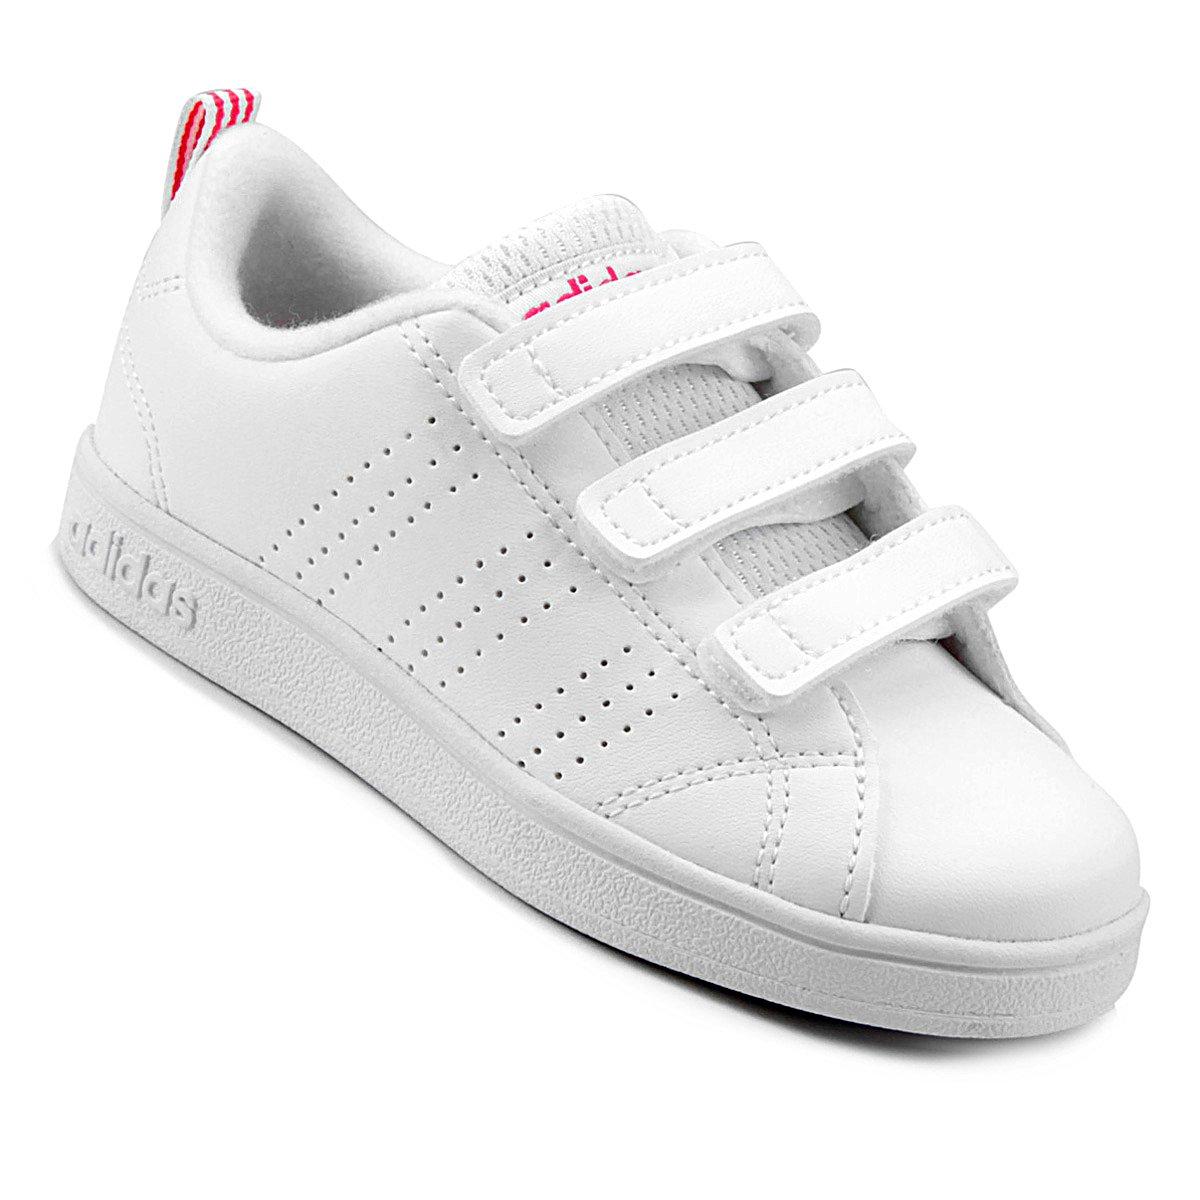 fc7d402a9b Tênis Infantil Adidas Vs Advantage Clean C - Branco e Rosa - Compre ...